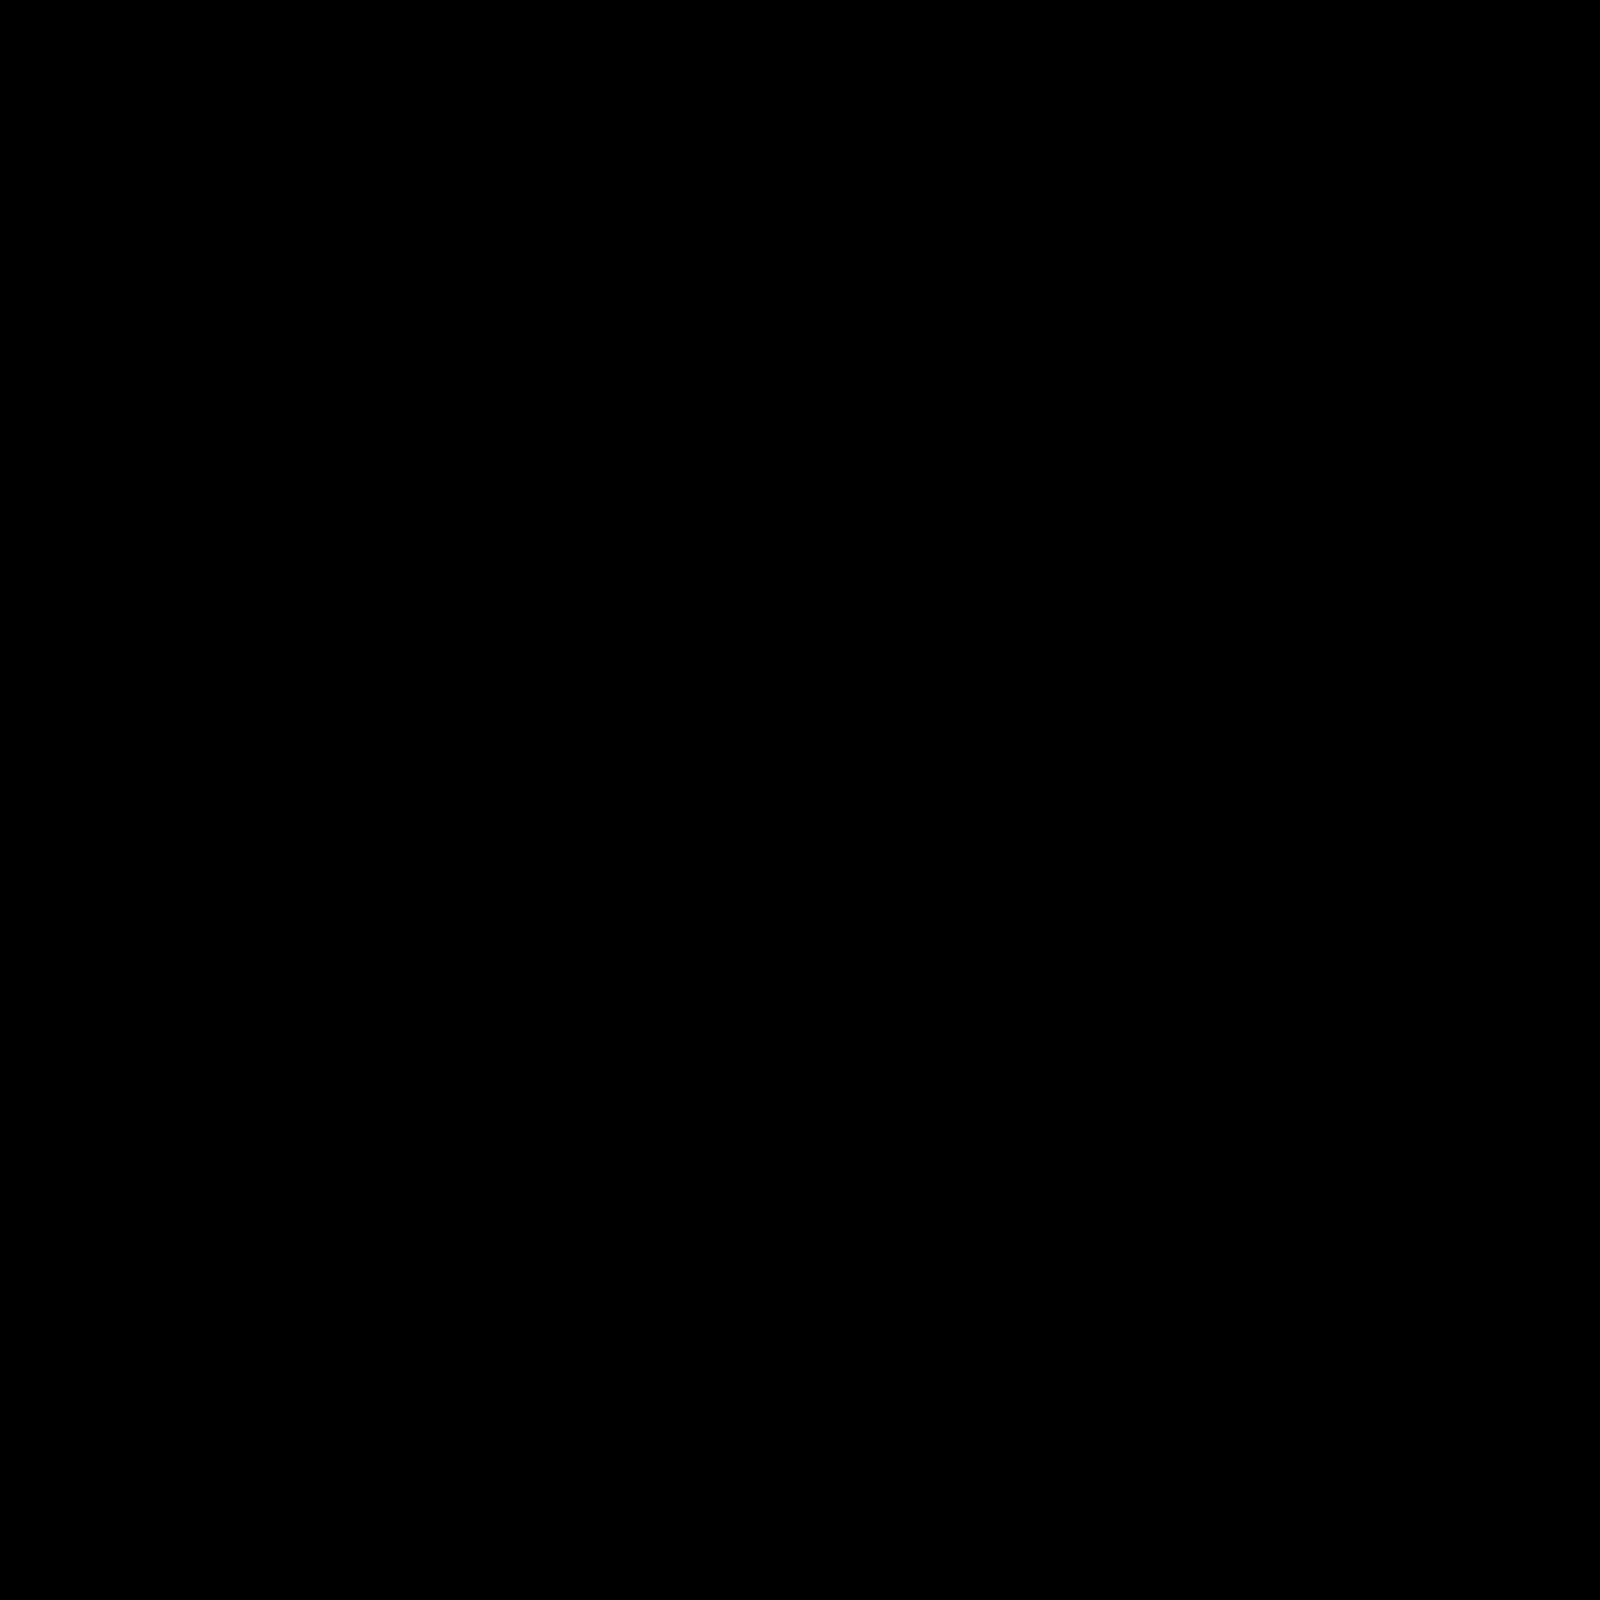 Roller Coaster Car icon